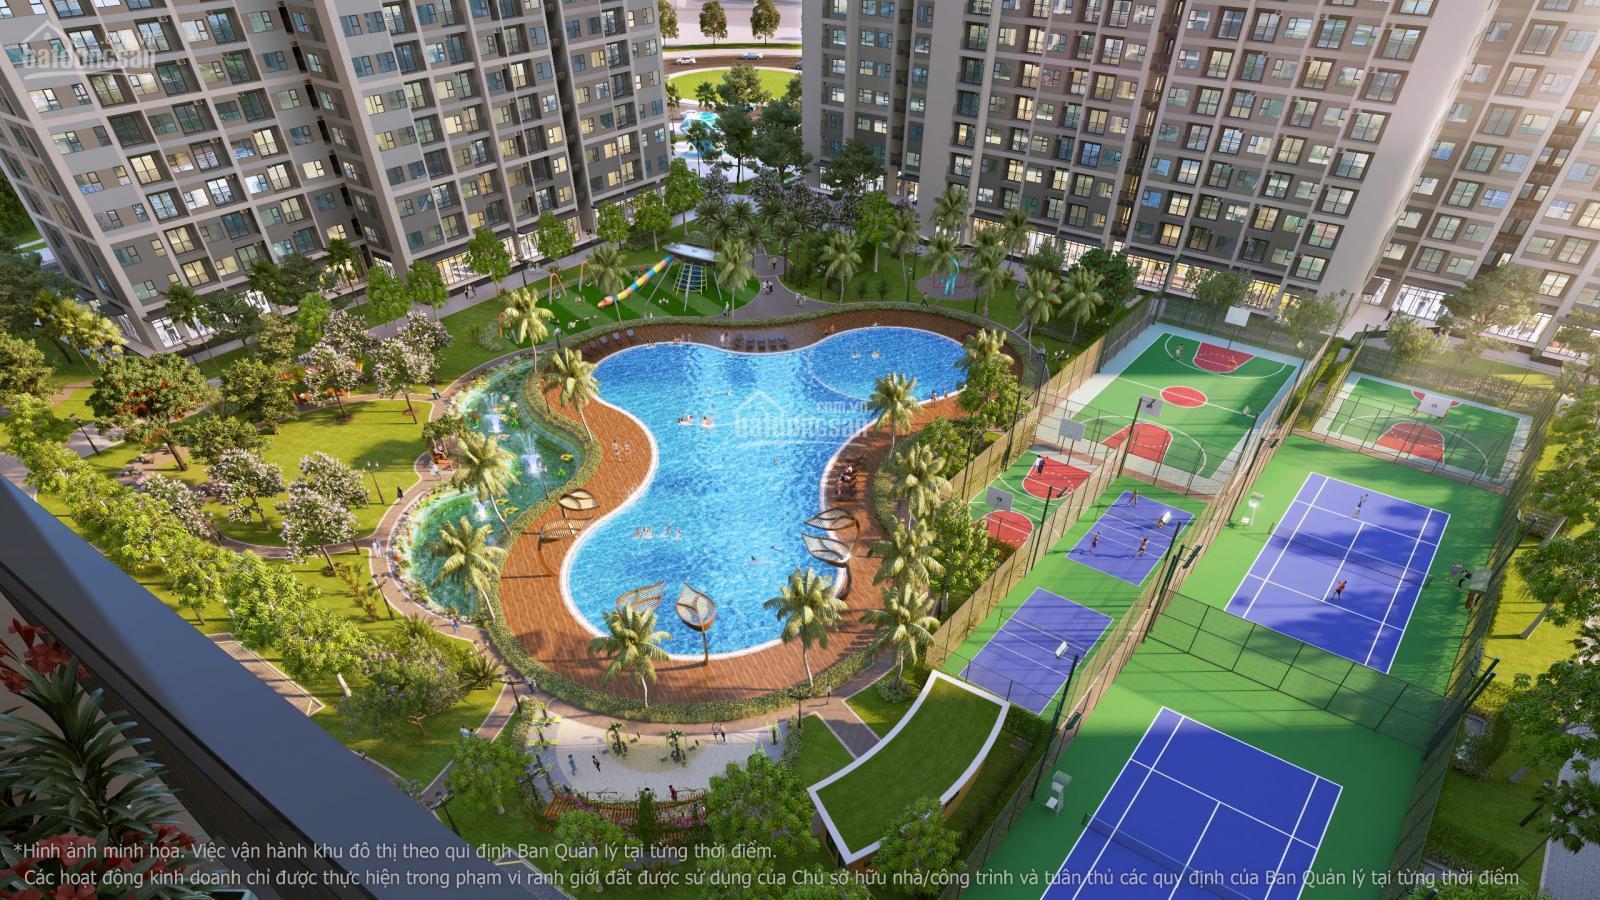 Chung cư Vinhomes Star City Thanh Hóa